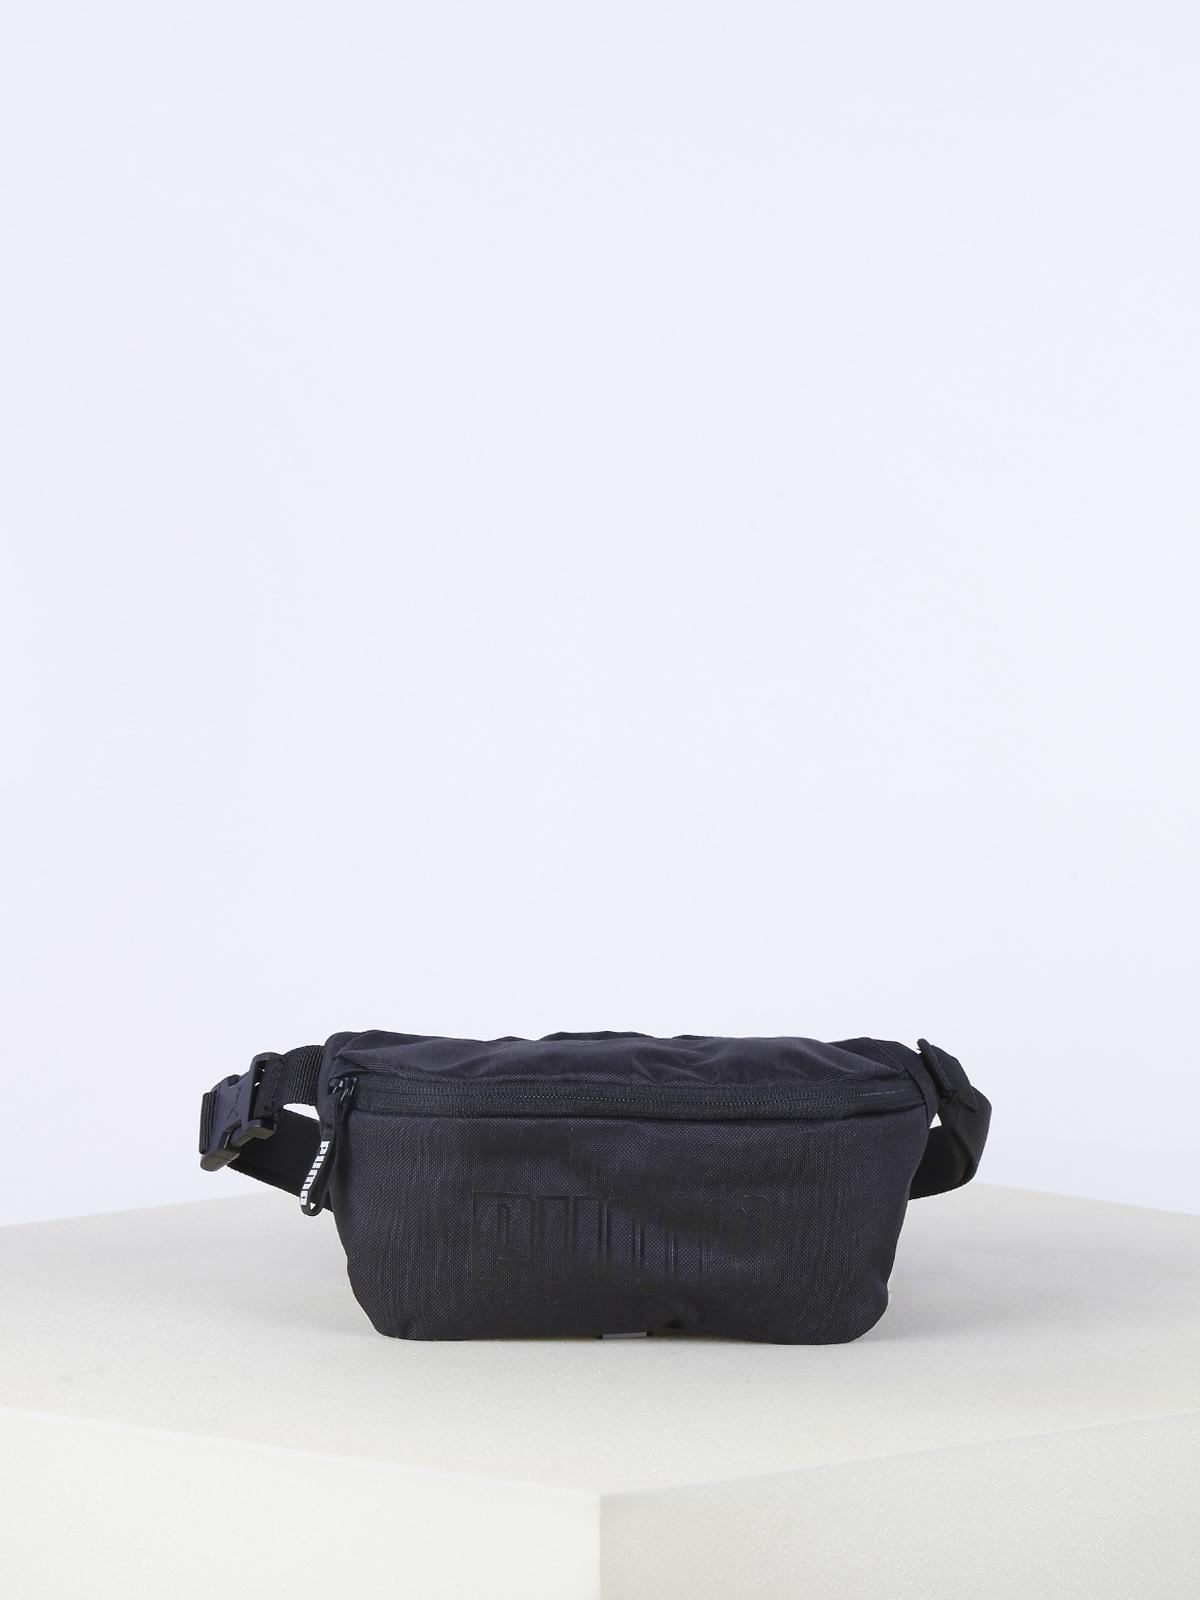 molto carino 83975 00991 Core waist bag - Marsupio nero puma | MecShopping